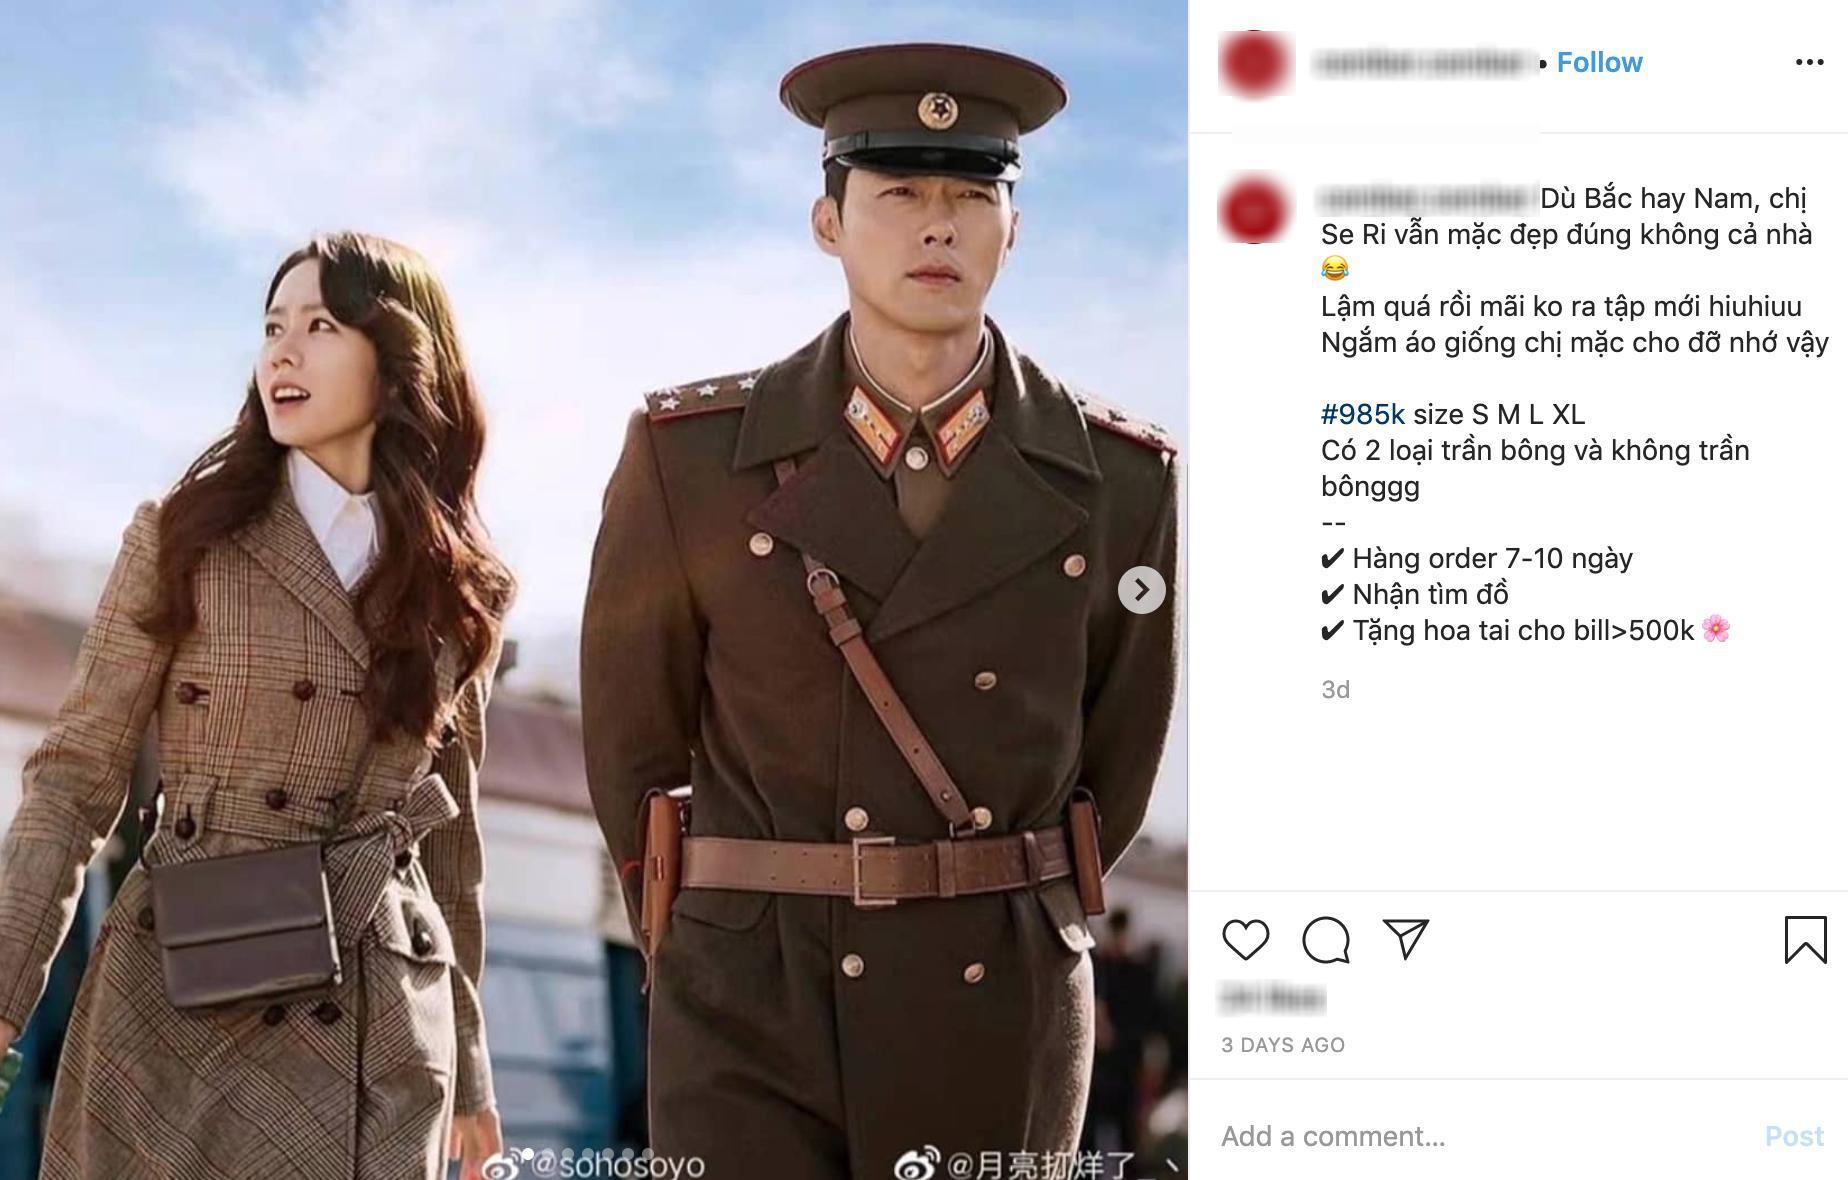 Hay như chiếc áo khoác dạ kẻ Yoon Se Ri mặc chụp poster, giá hàng hiệu cỡ chục triệu nhưng háng fake nhìn cũng rất oách giá còn chưa đến 1 triệu.